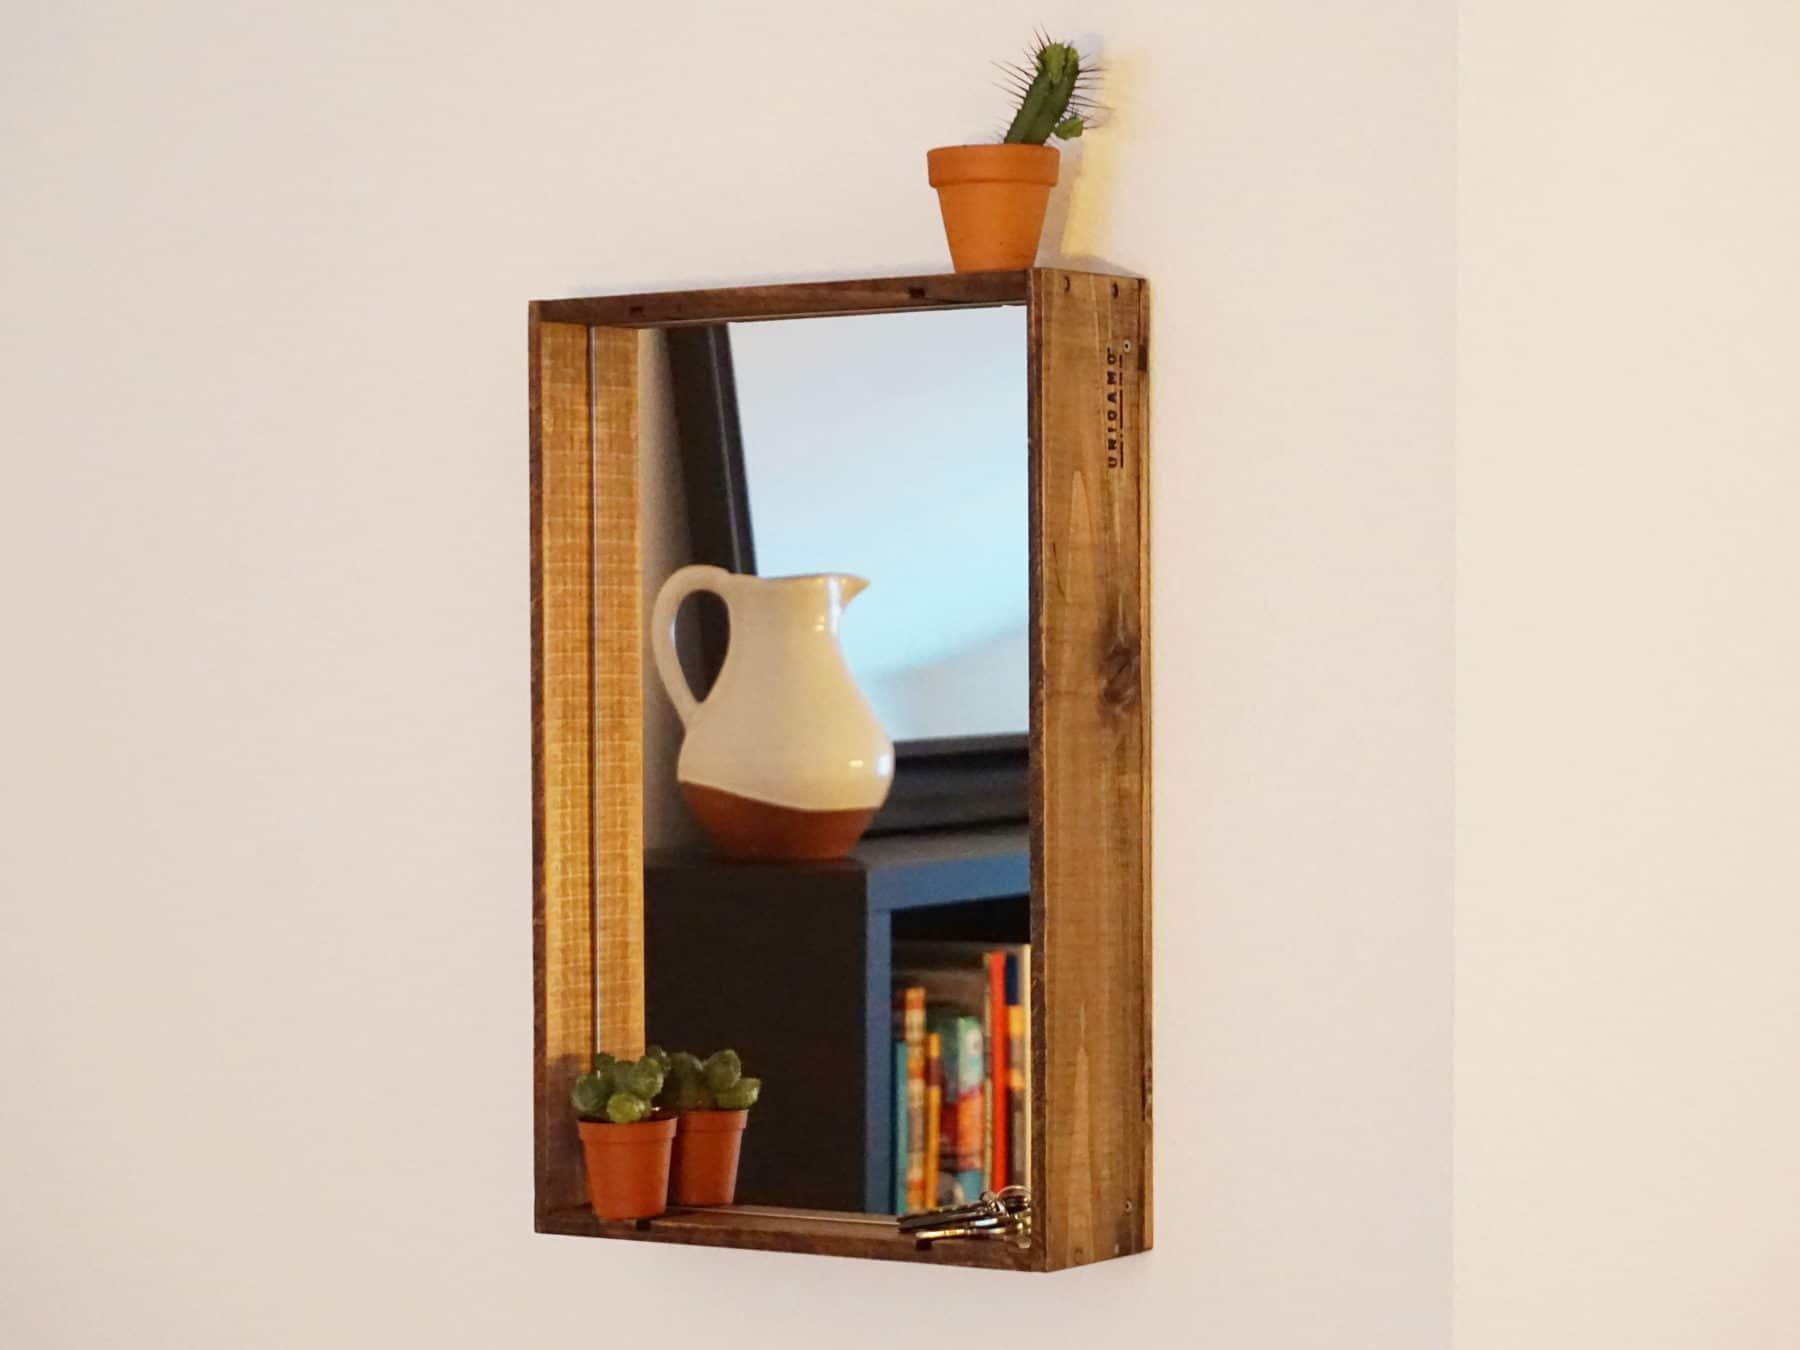 Uniqamo Spiegel Upcycling aus alten Weinkisten swissmade KURTS.ch in Gebrauch